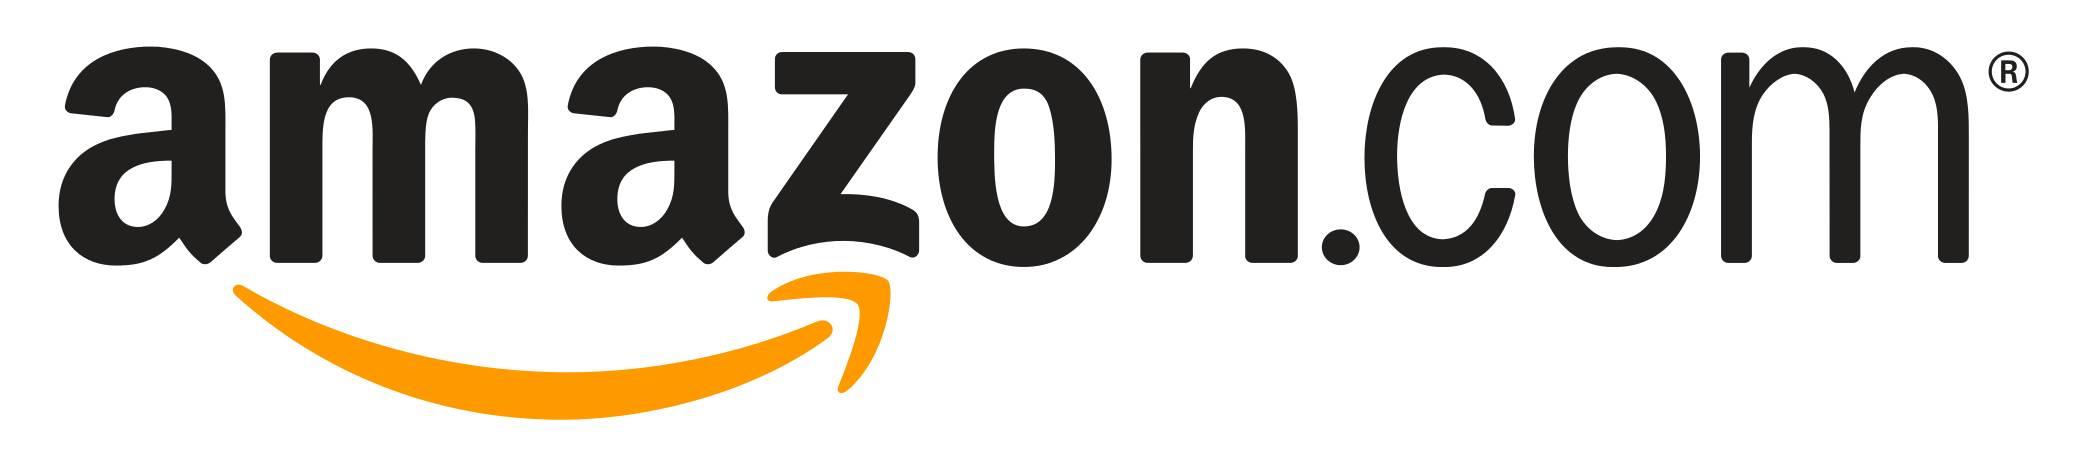 Amazon Corp